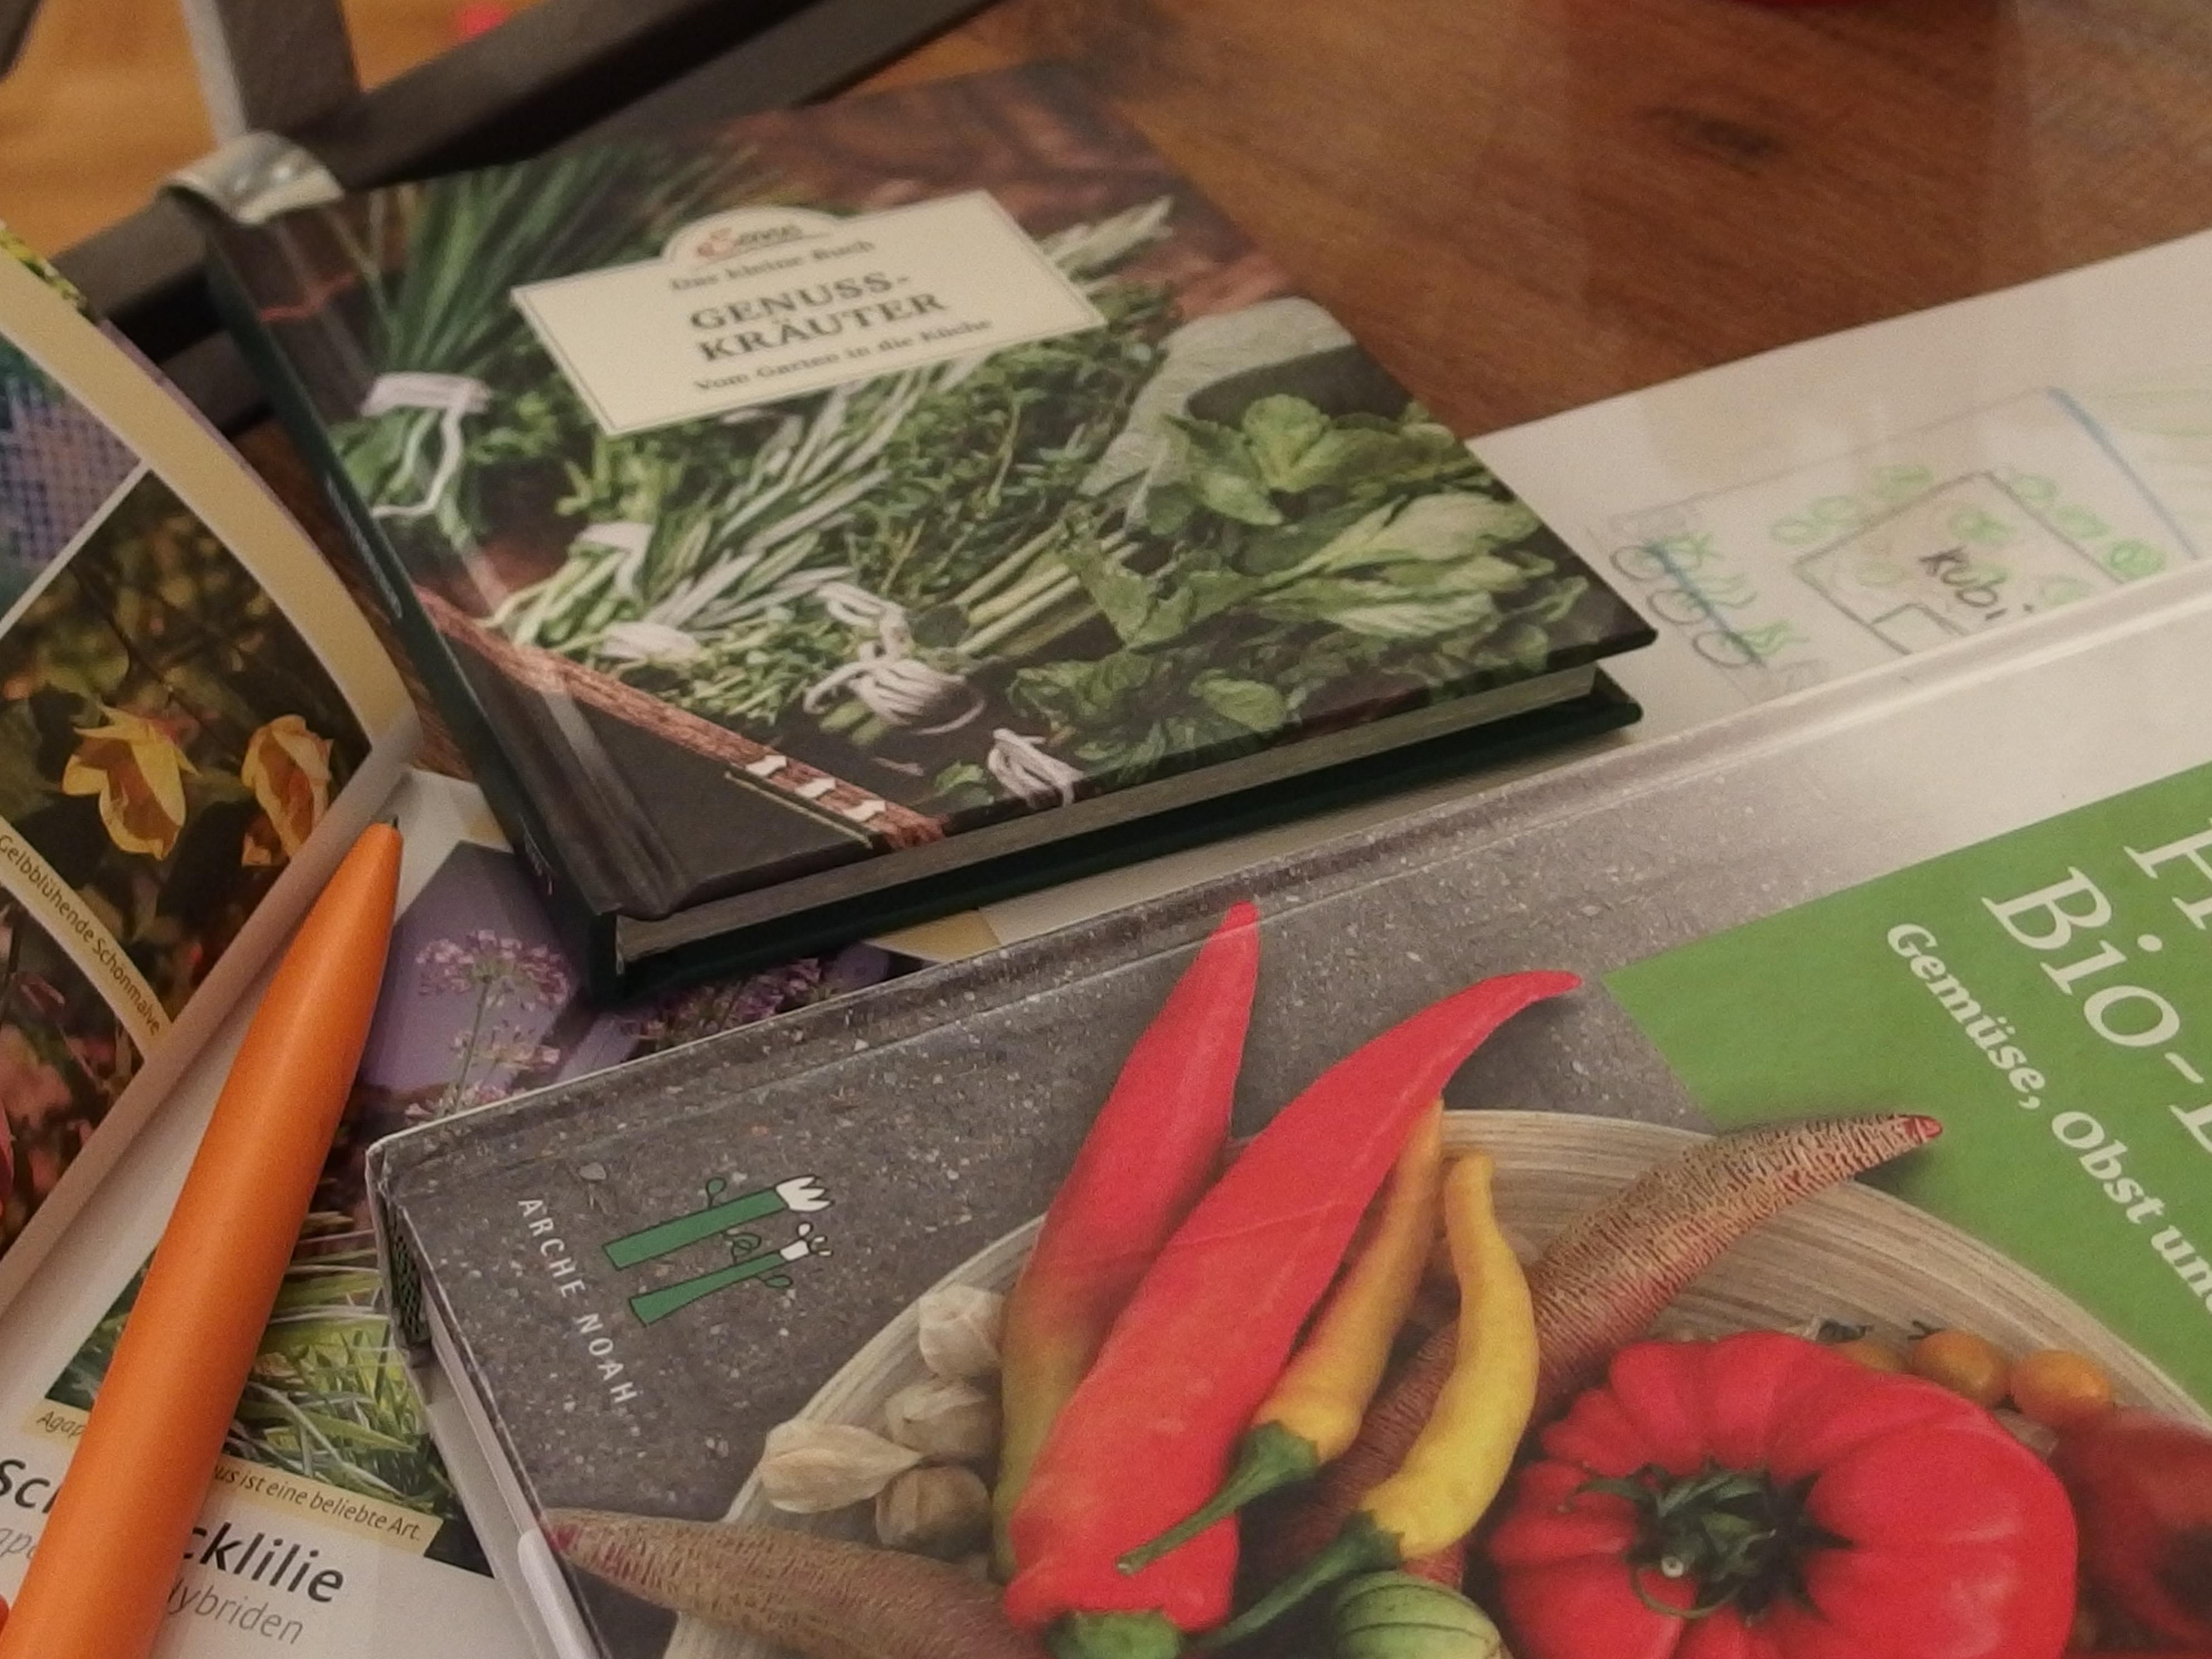 52 semaines, 52 plantes: mon défi pour l'année 2019